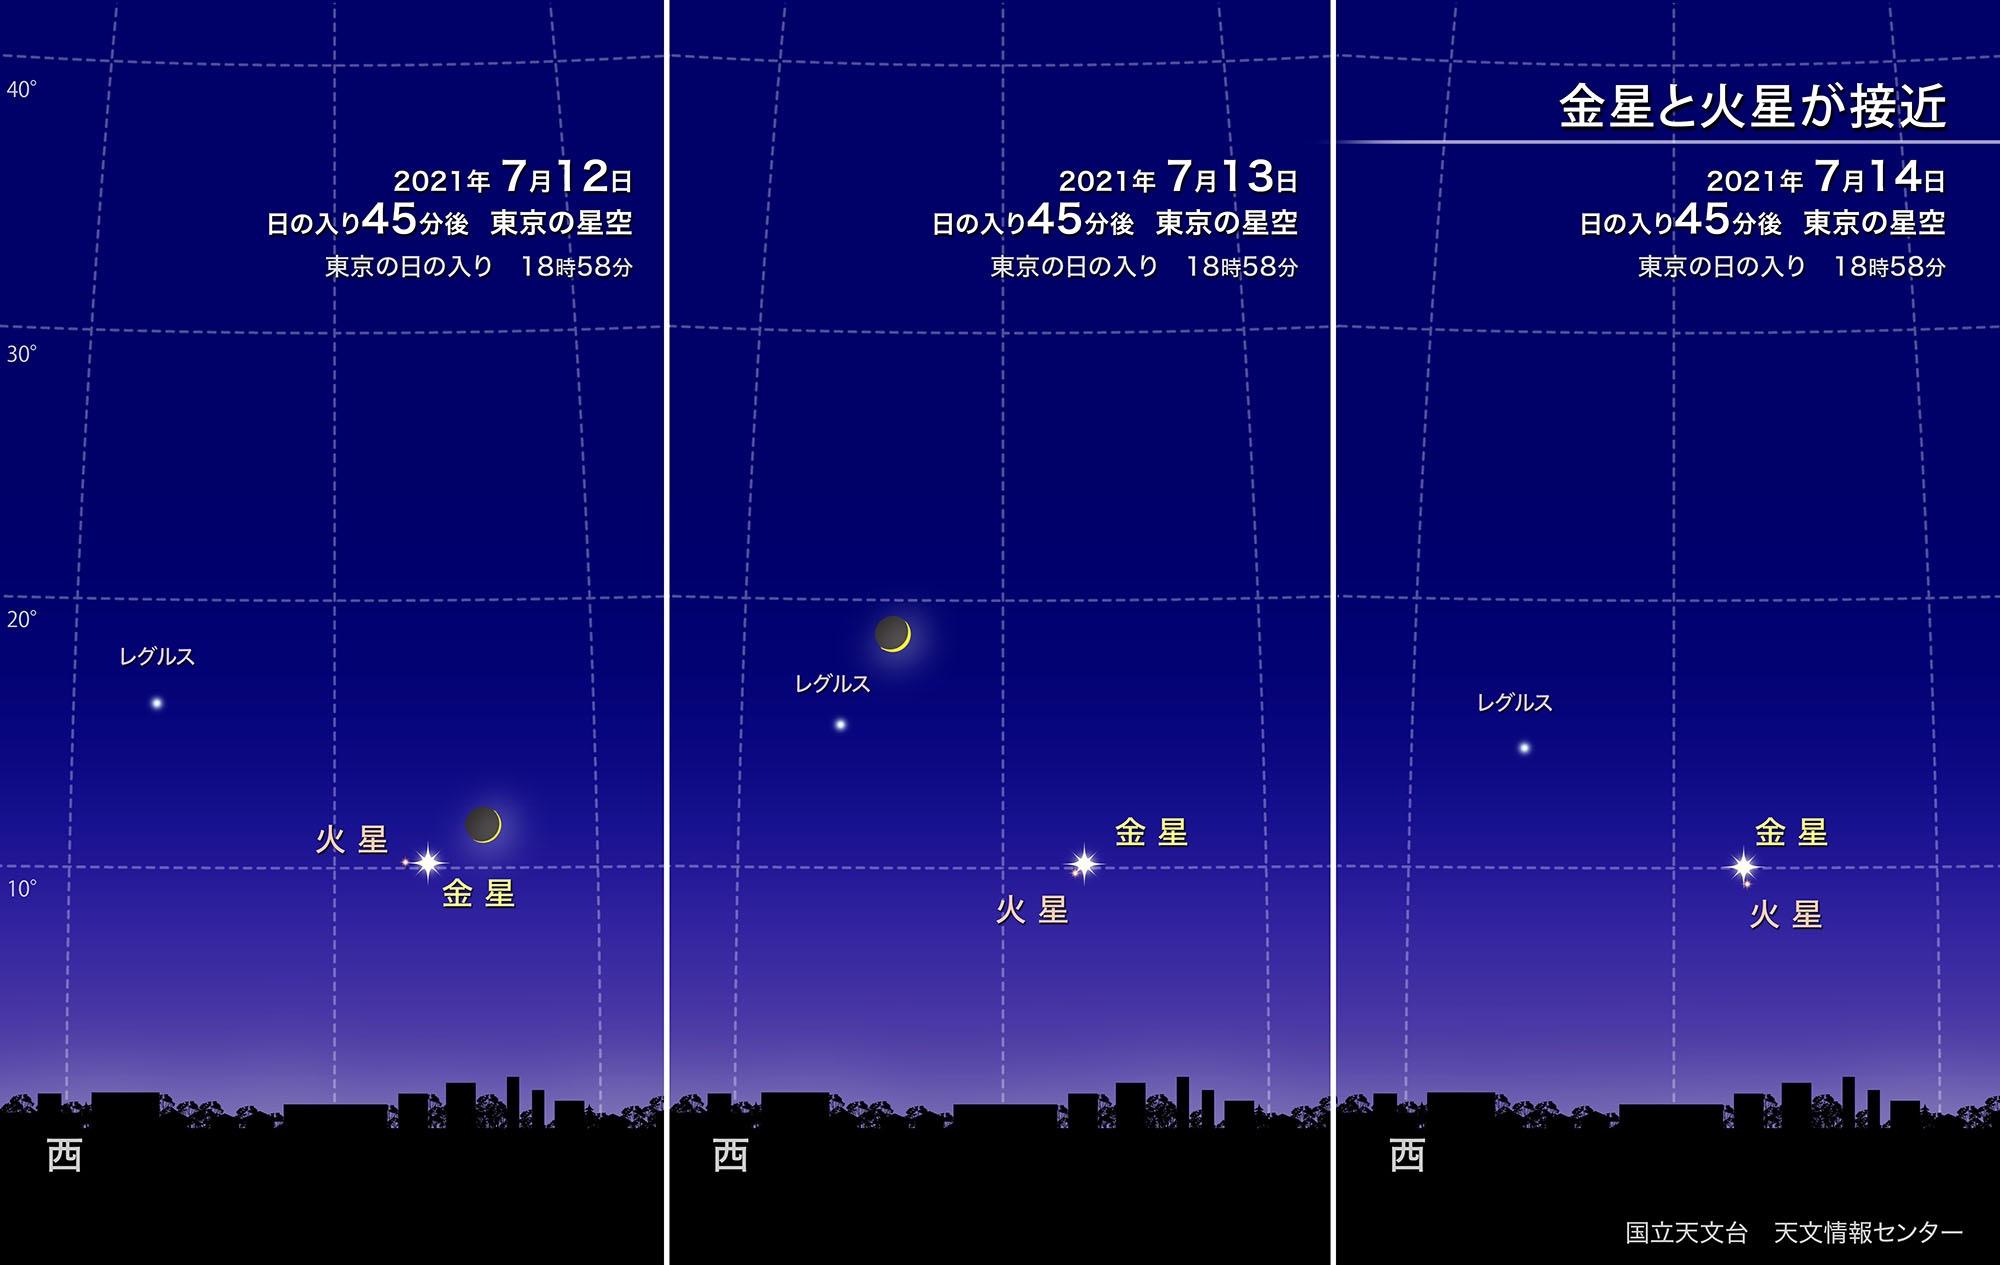 2021年7月11日「アジュガの星のコトバ」